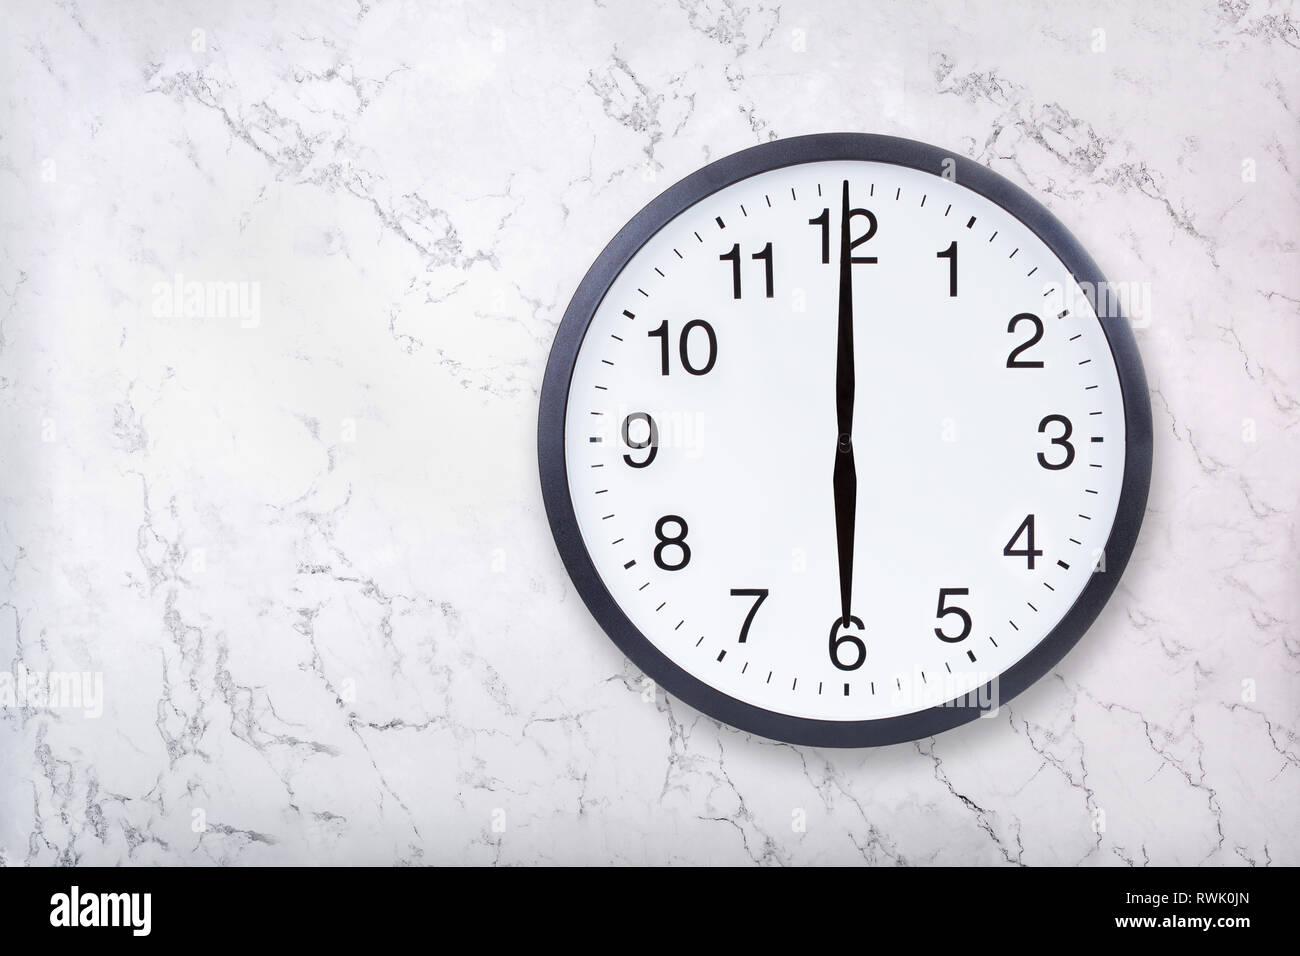 20pm Clock Stockfotos und  bilder Kaufen   Alamy